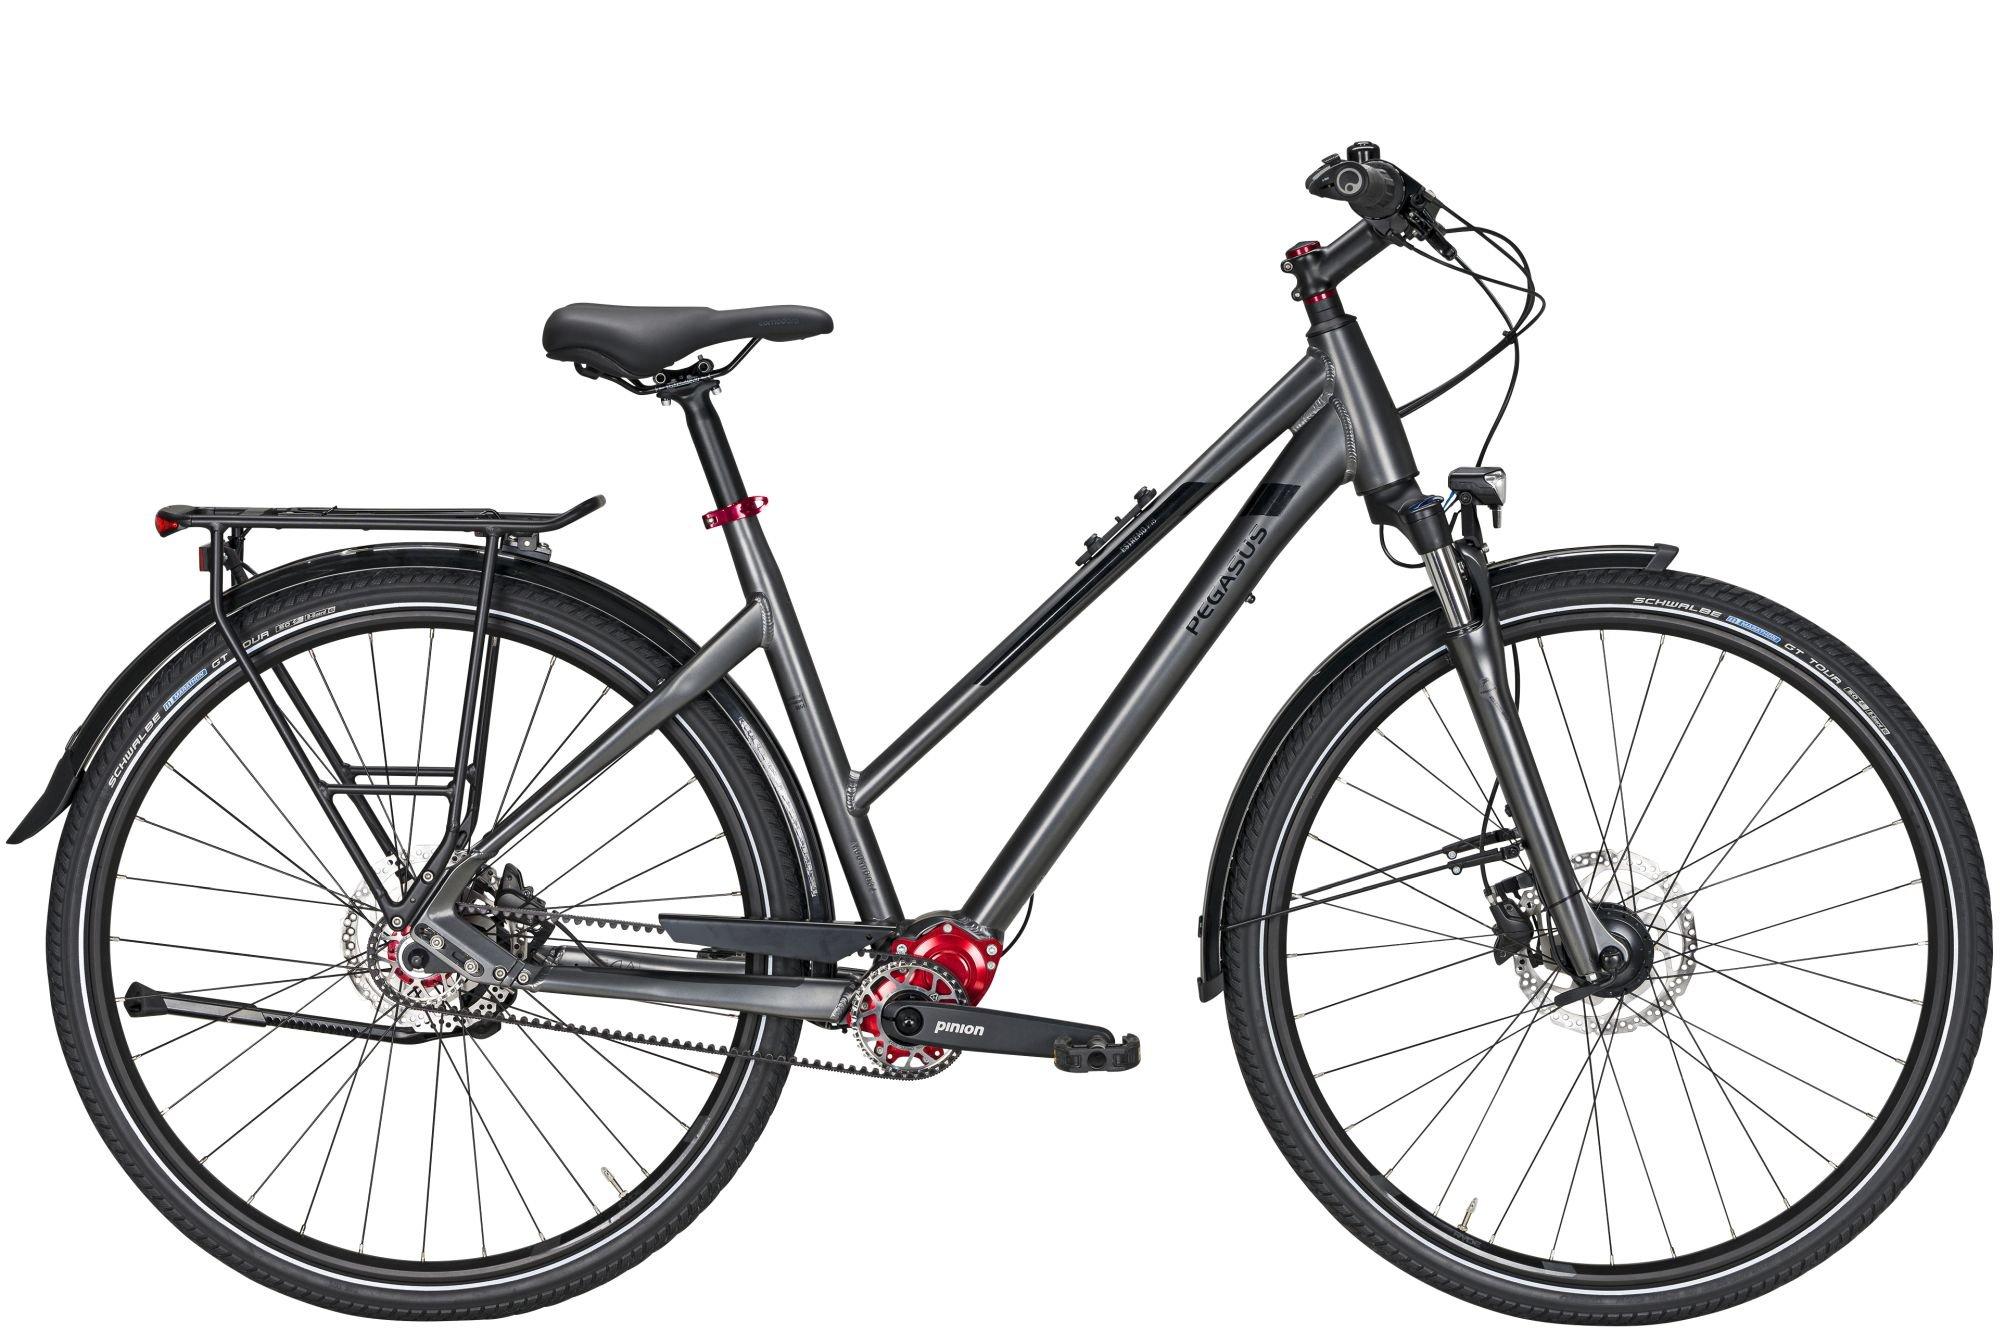 city-/tourenräder/Citybikes: Pegasus  Estremo P18 Pinion Tretlagerschaltung Damenfahrrad Trapez Modell 2021 28 Zoll 50 cm